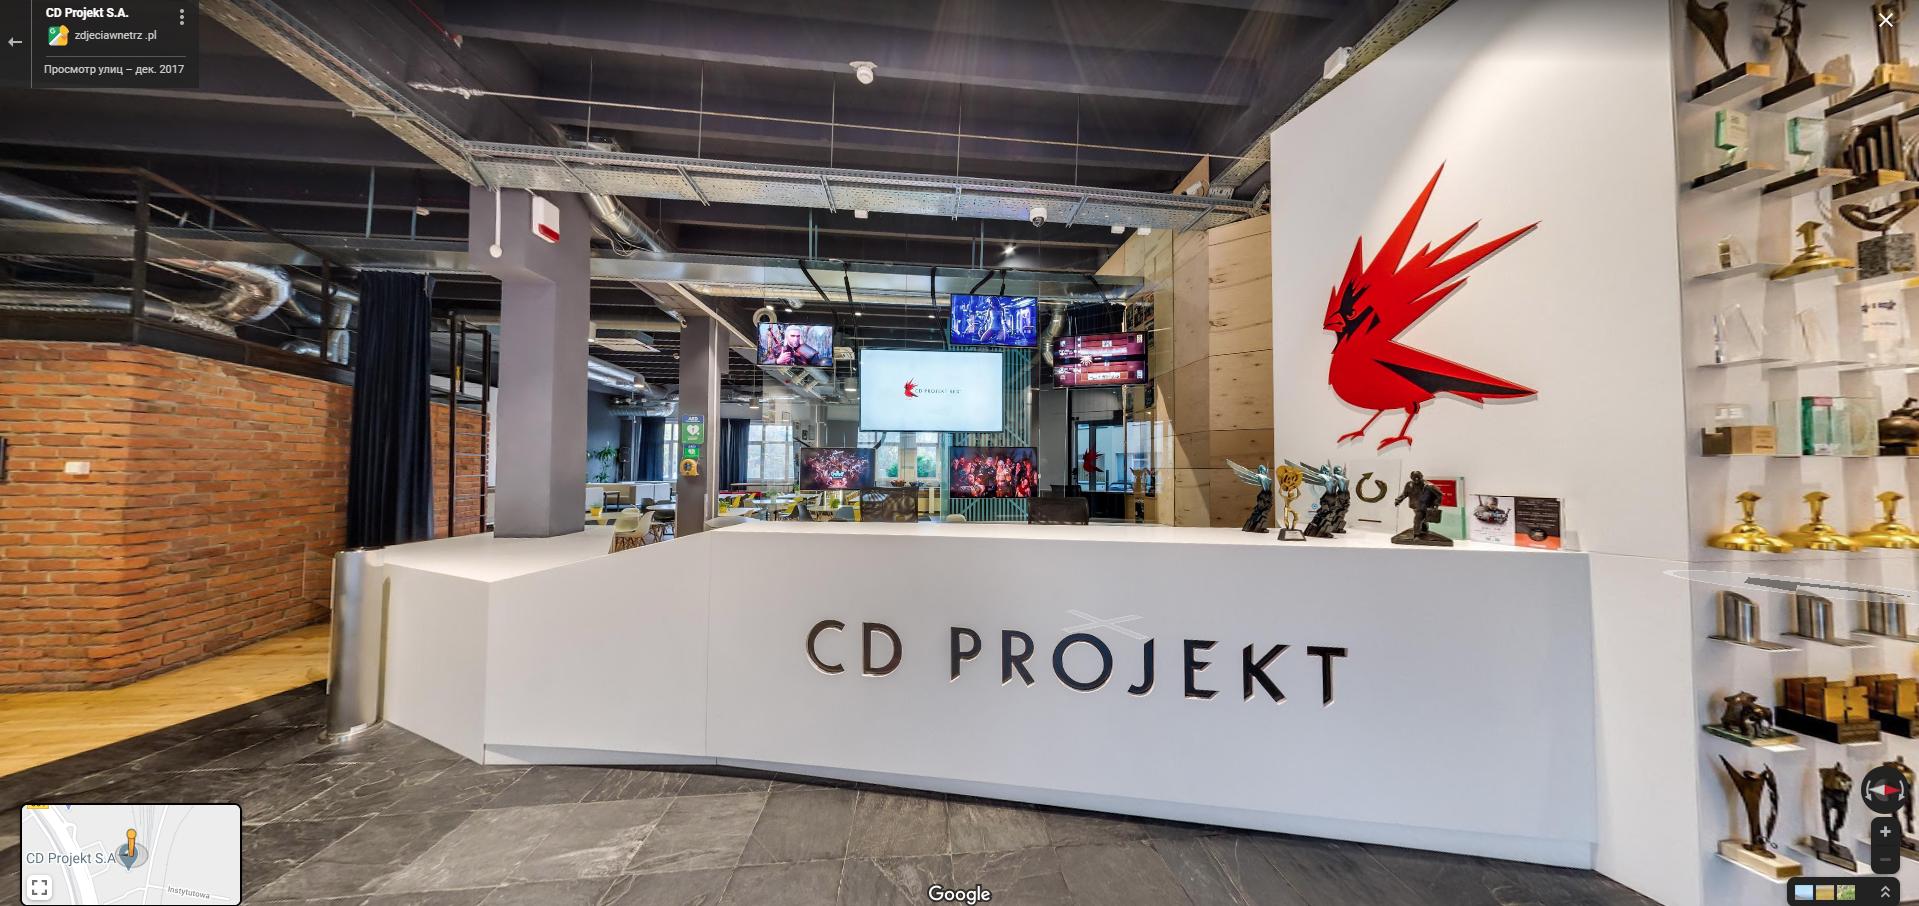 Вы можете совершить виртуальный тур по CD Projekt Red, используя Google Maps